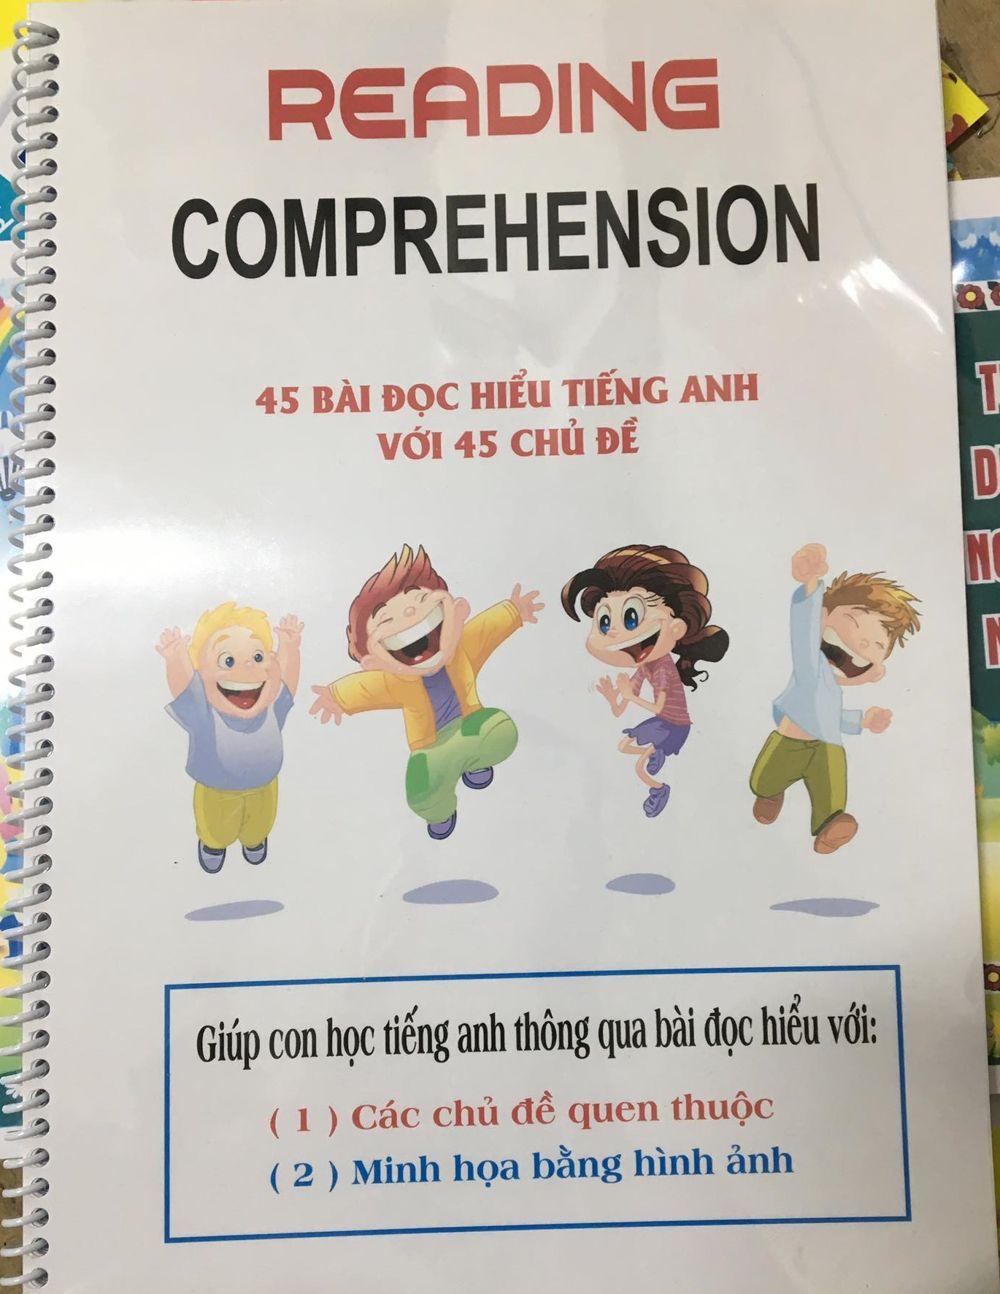 Tải sách: Reading comprehension 45 bài đọc hiểu tiếng anh